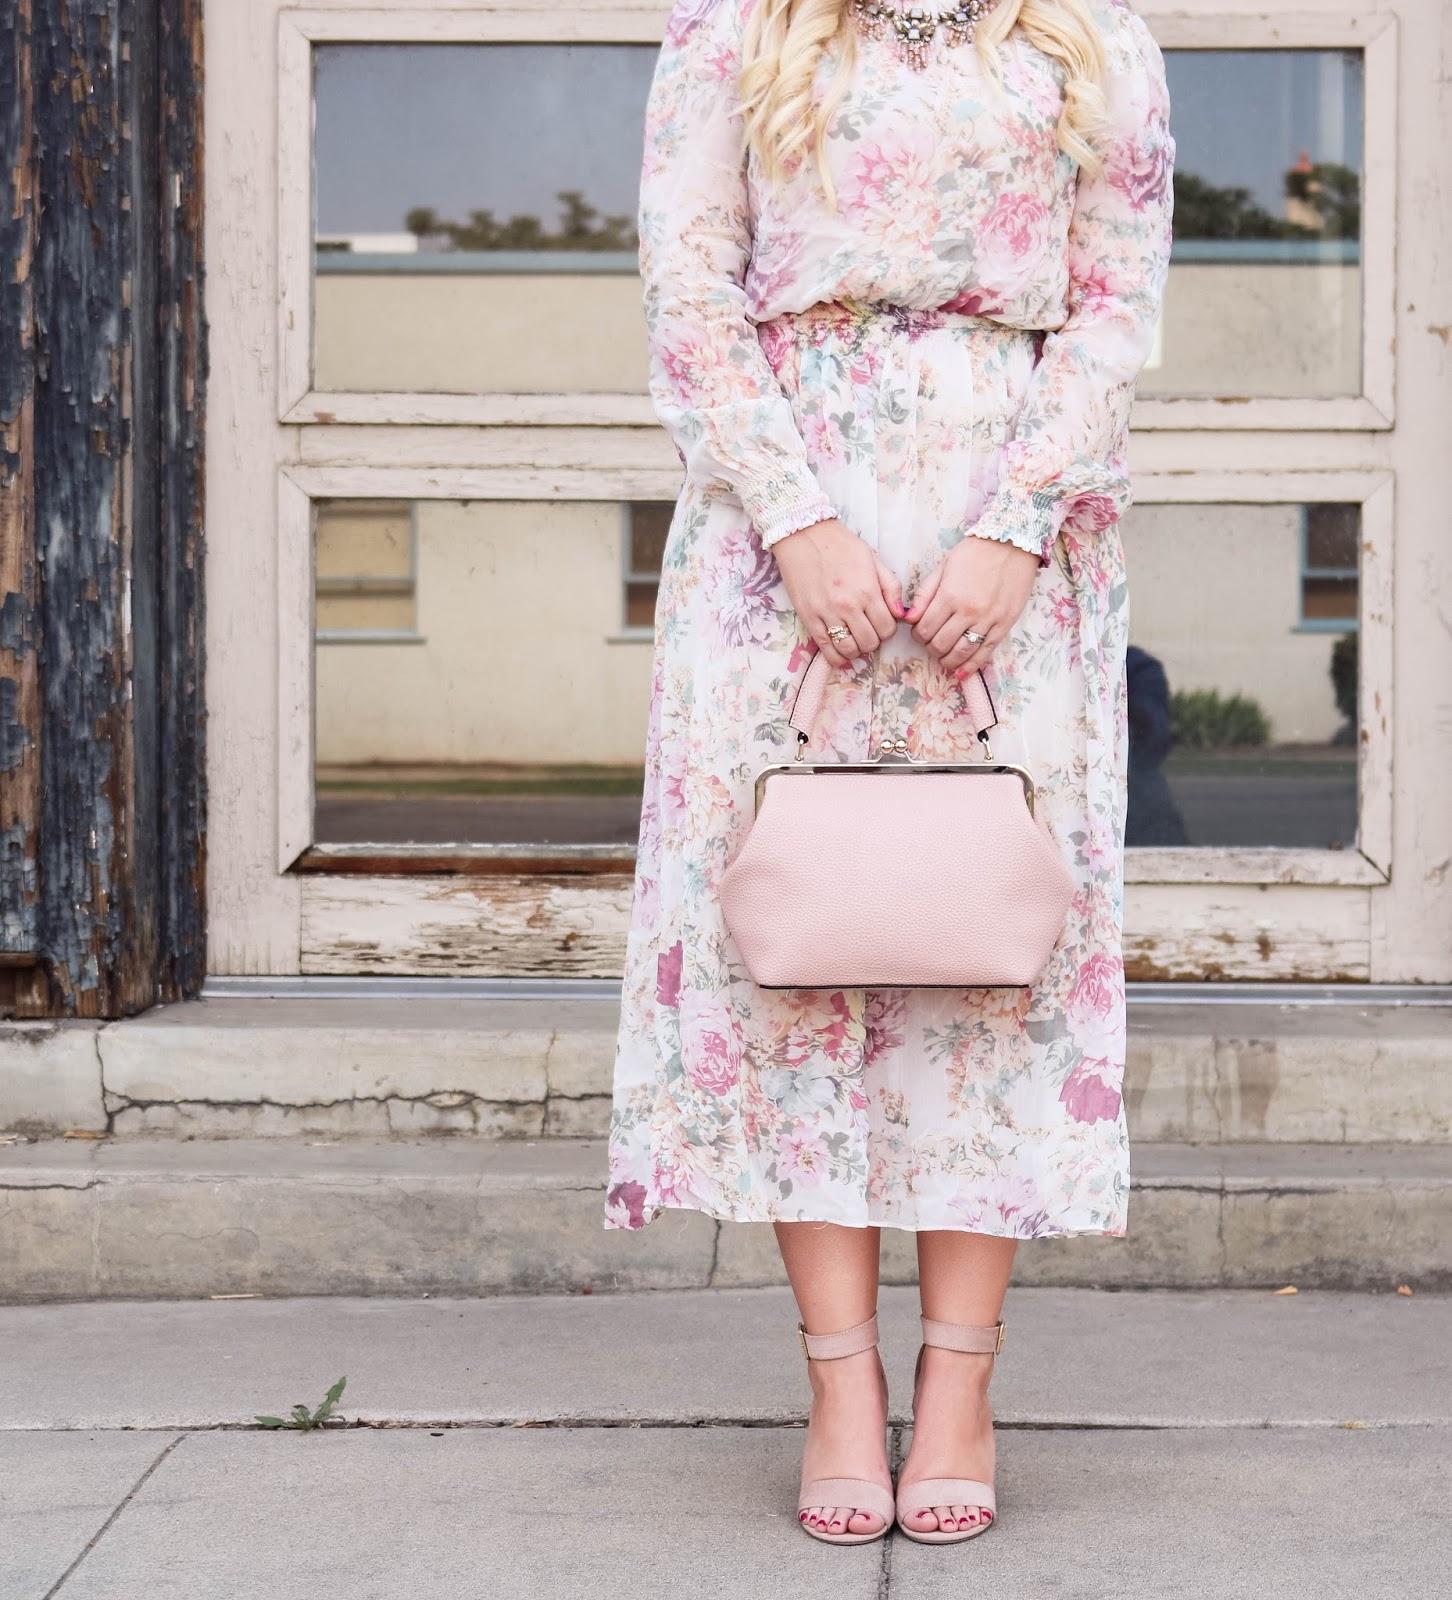 Elizabeth Hugen of Lizzie in Lace styles her blush pink JEMMA JoJo handbag